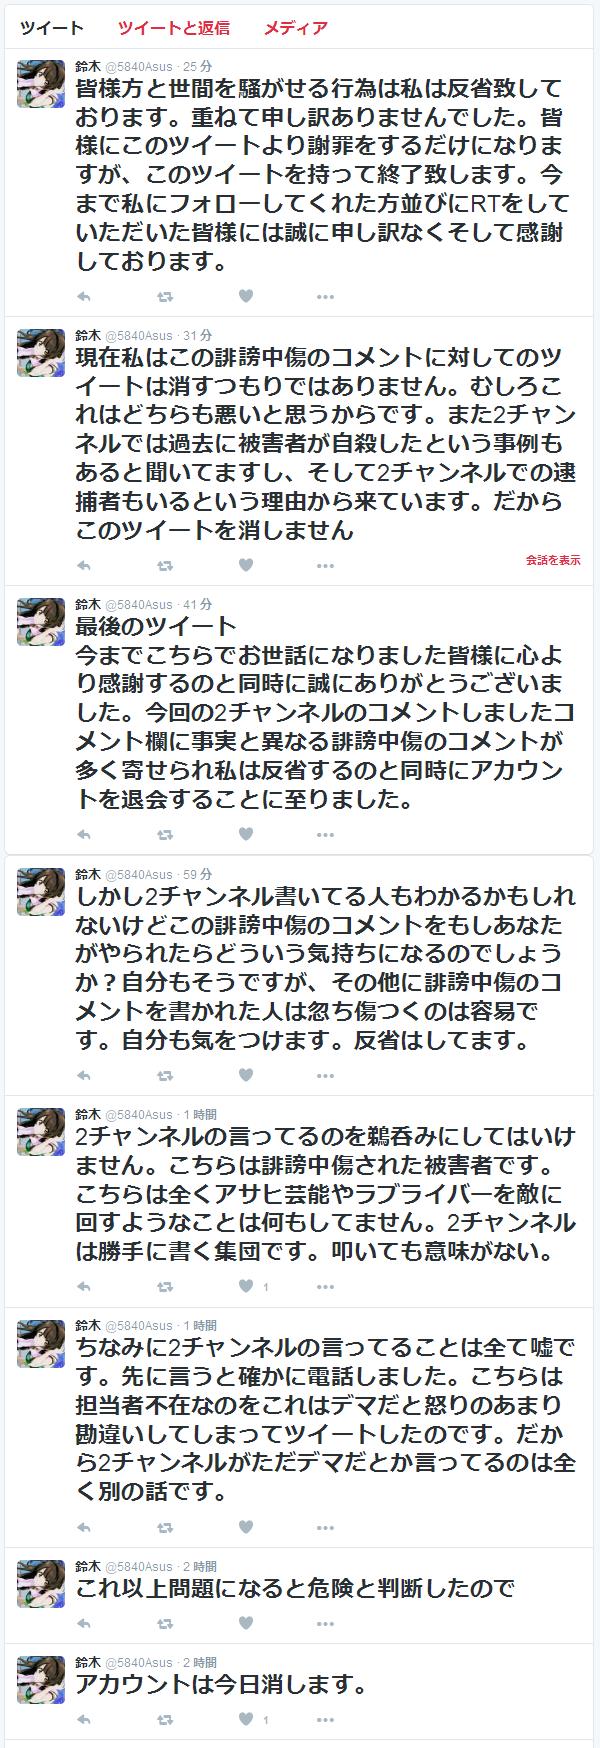 ラブライバー 鈴木くん 逃亡に関連した画像-04